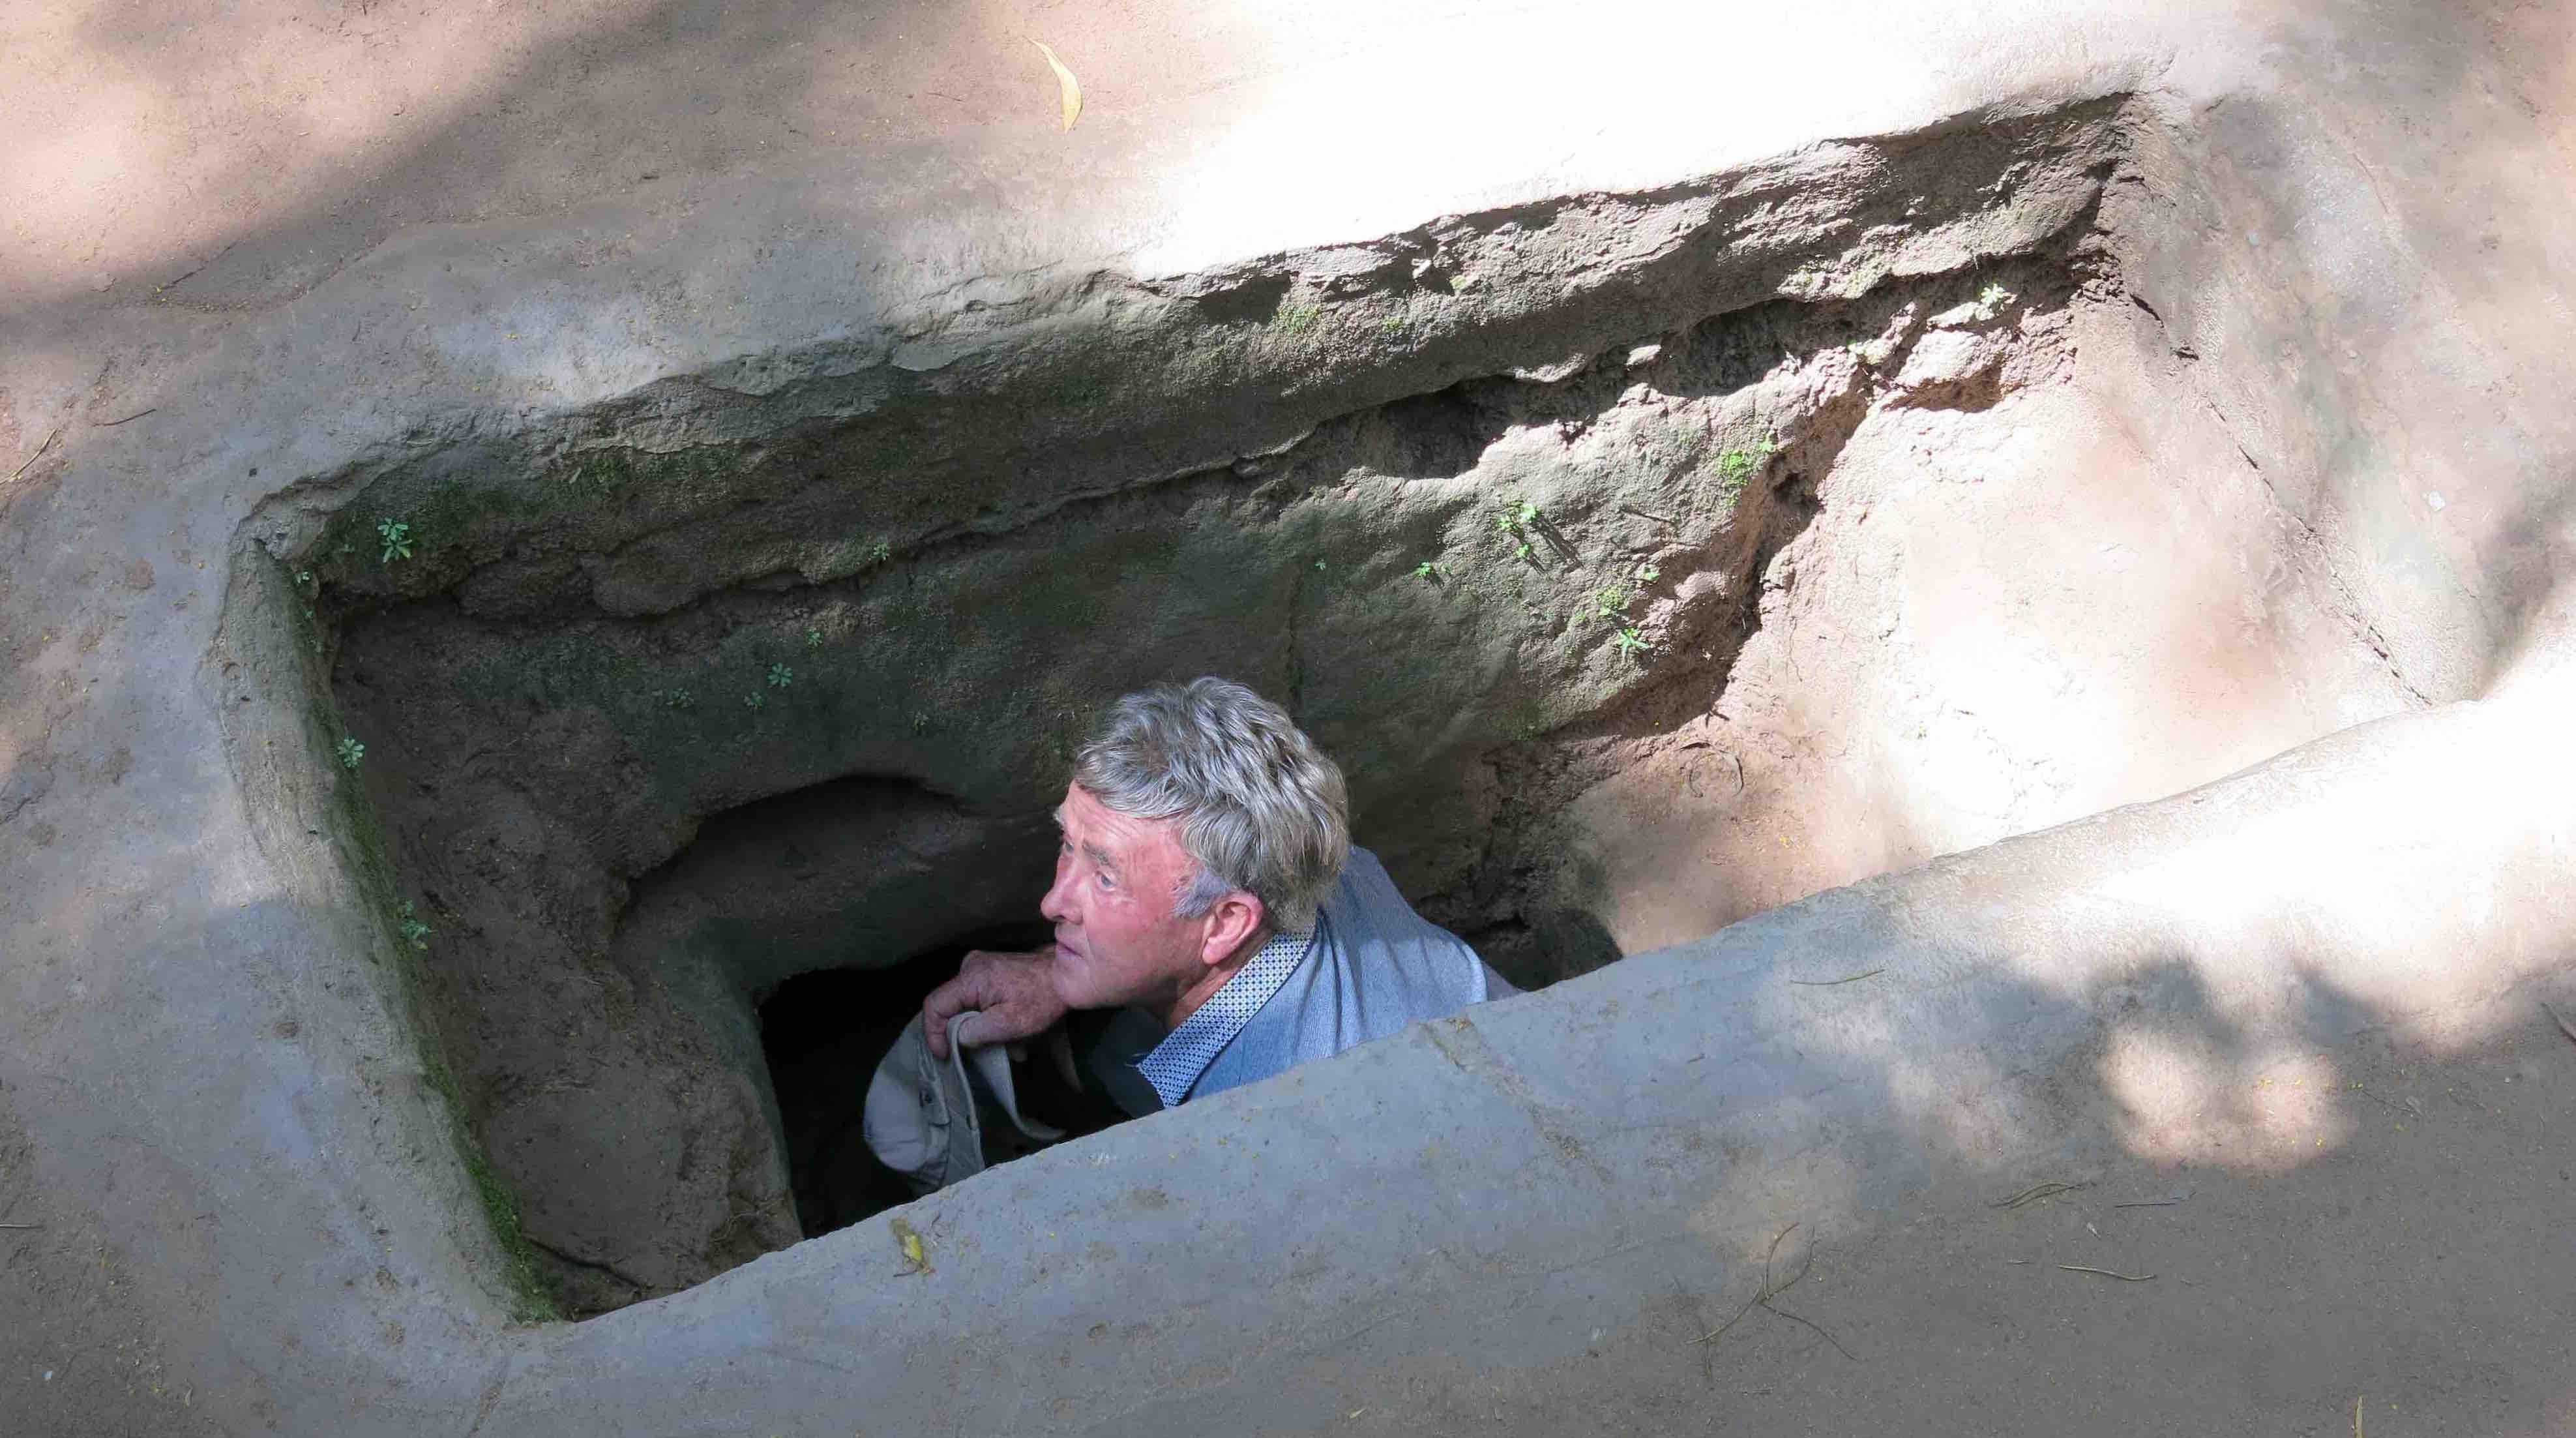 cu-chi-tunnels-larevuey-1